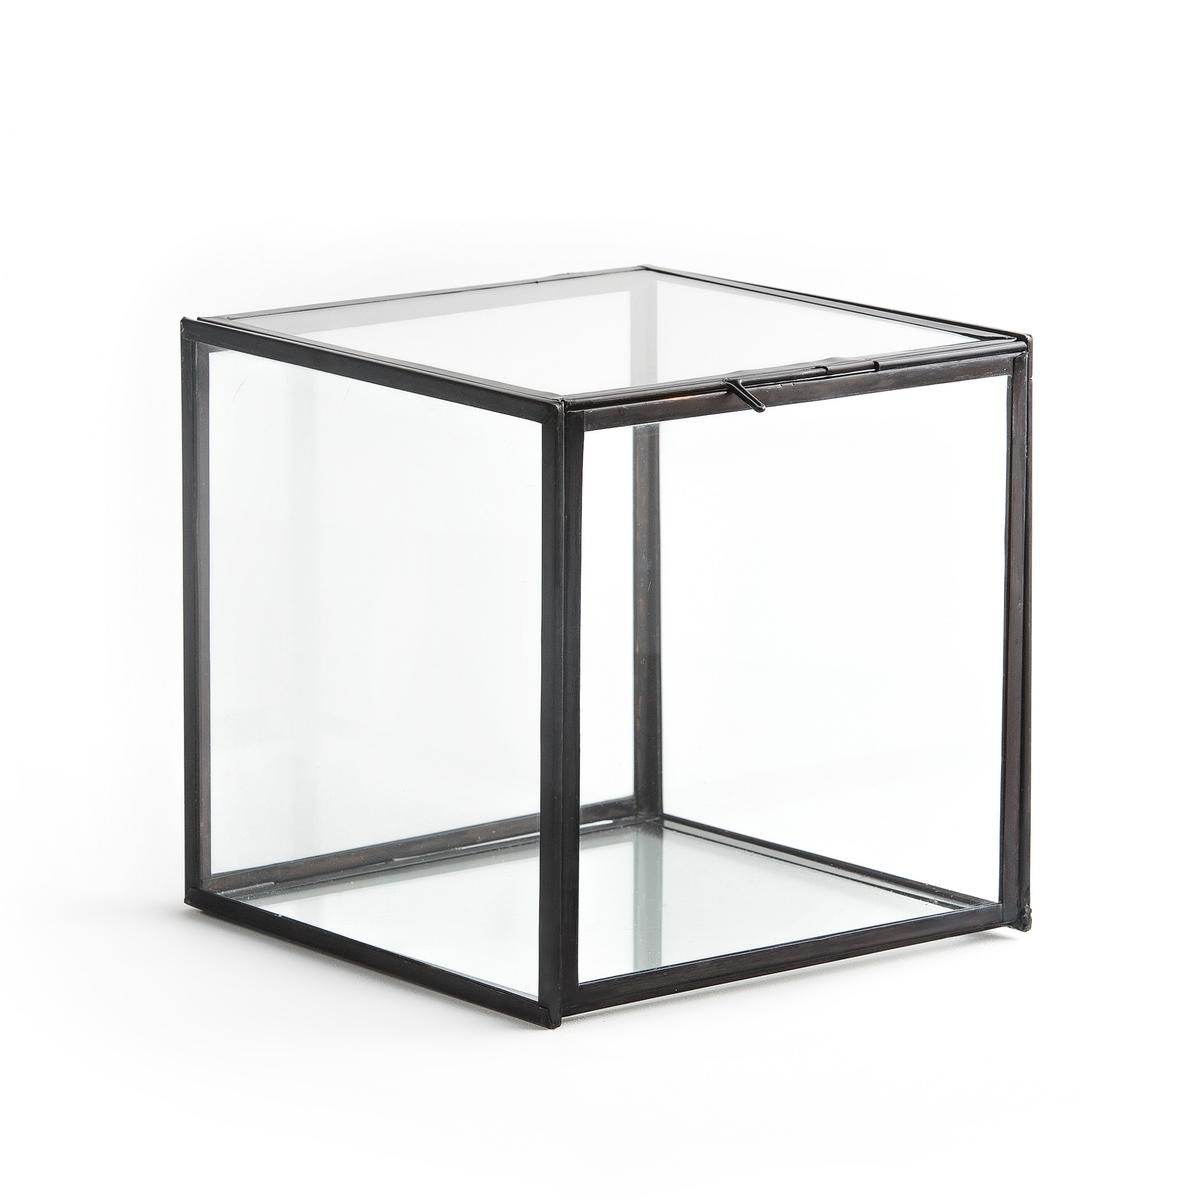 Коробка-витрина, MisiaКоробка-витрина  из стекла и металла Misia . Изготовлена и собрана вручную. Мини-формат этой витрины идеален для хранения украшений или мелких предметов.Описание : - Выполнена из стекла и металла..Размеры : - Ш.20 x В.20 x Г.20 см<br><br>Цвет: черный металл